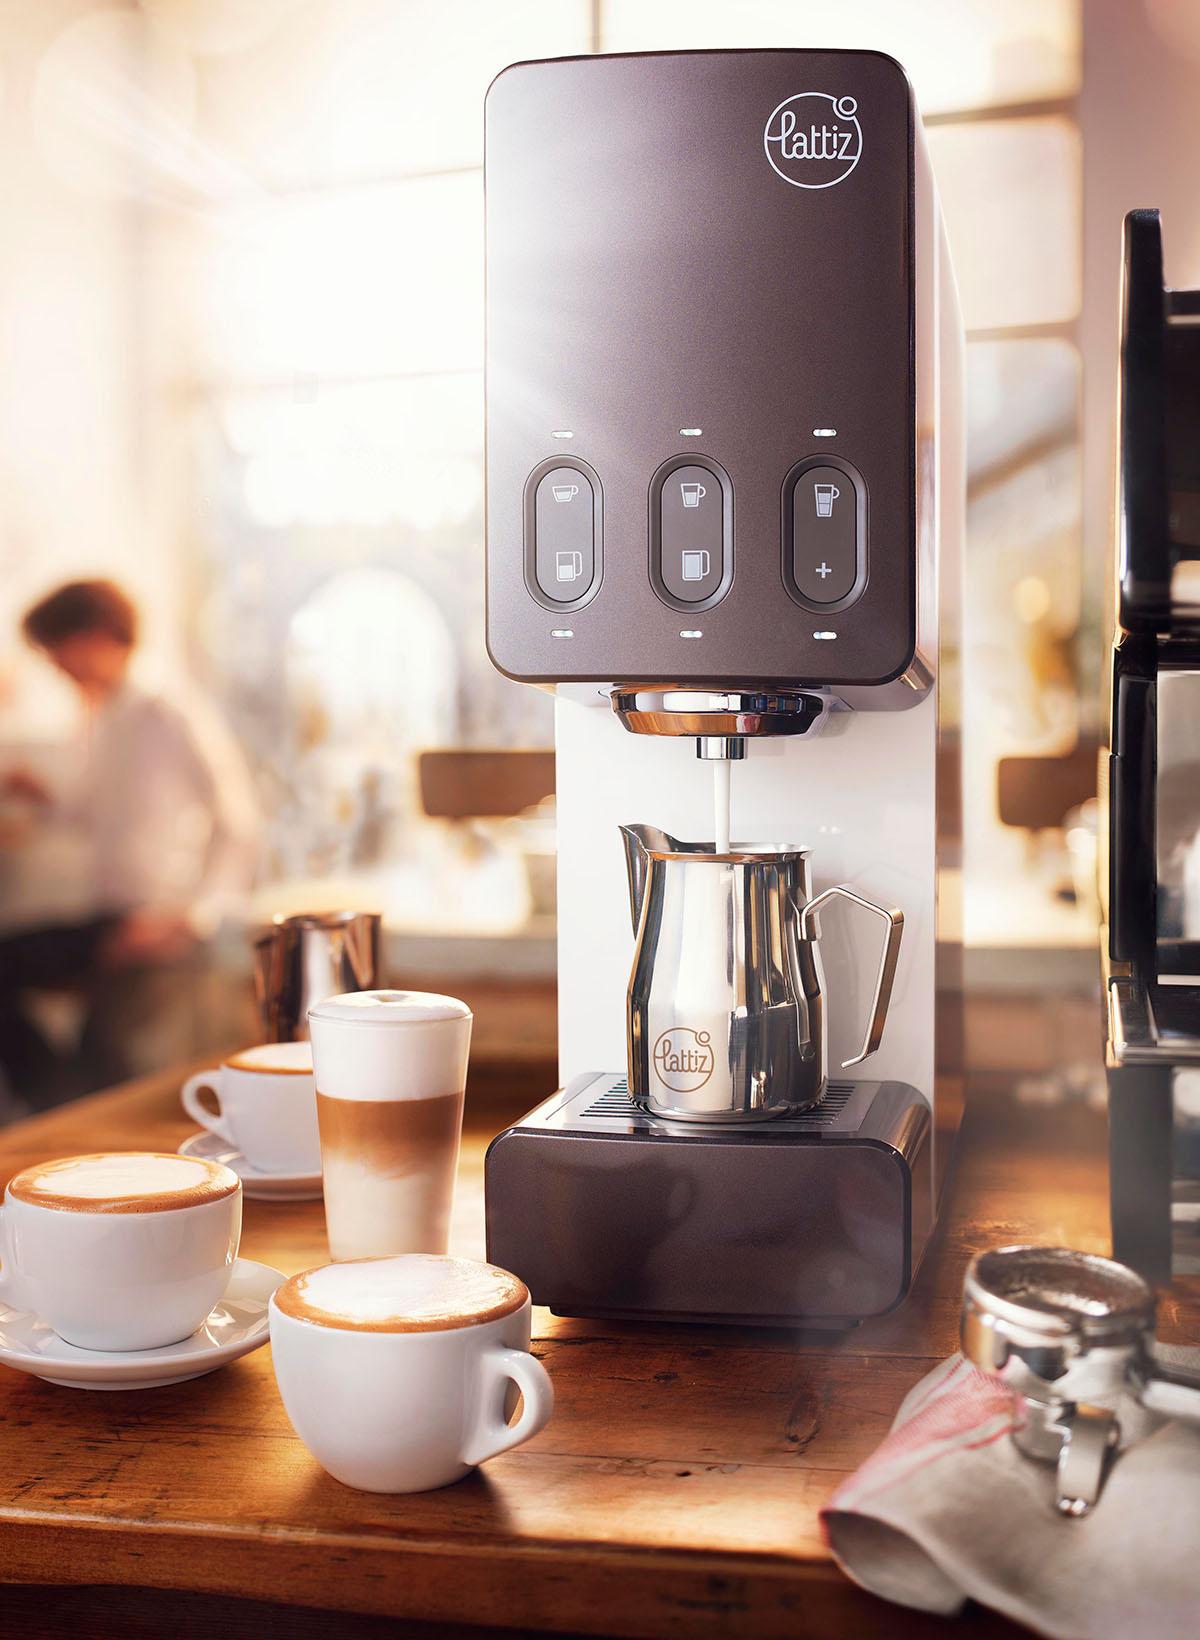 Product fotografie van Lattiz's koffiezetapparaat met kopjes koffie gemaakt door Studio_m Fotografie Amsterdam